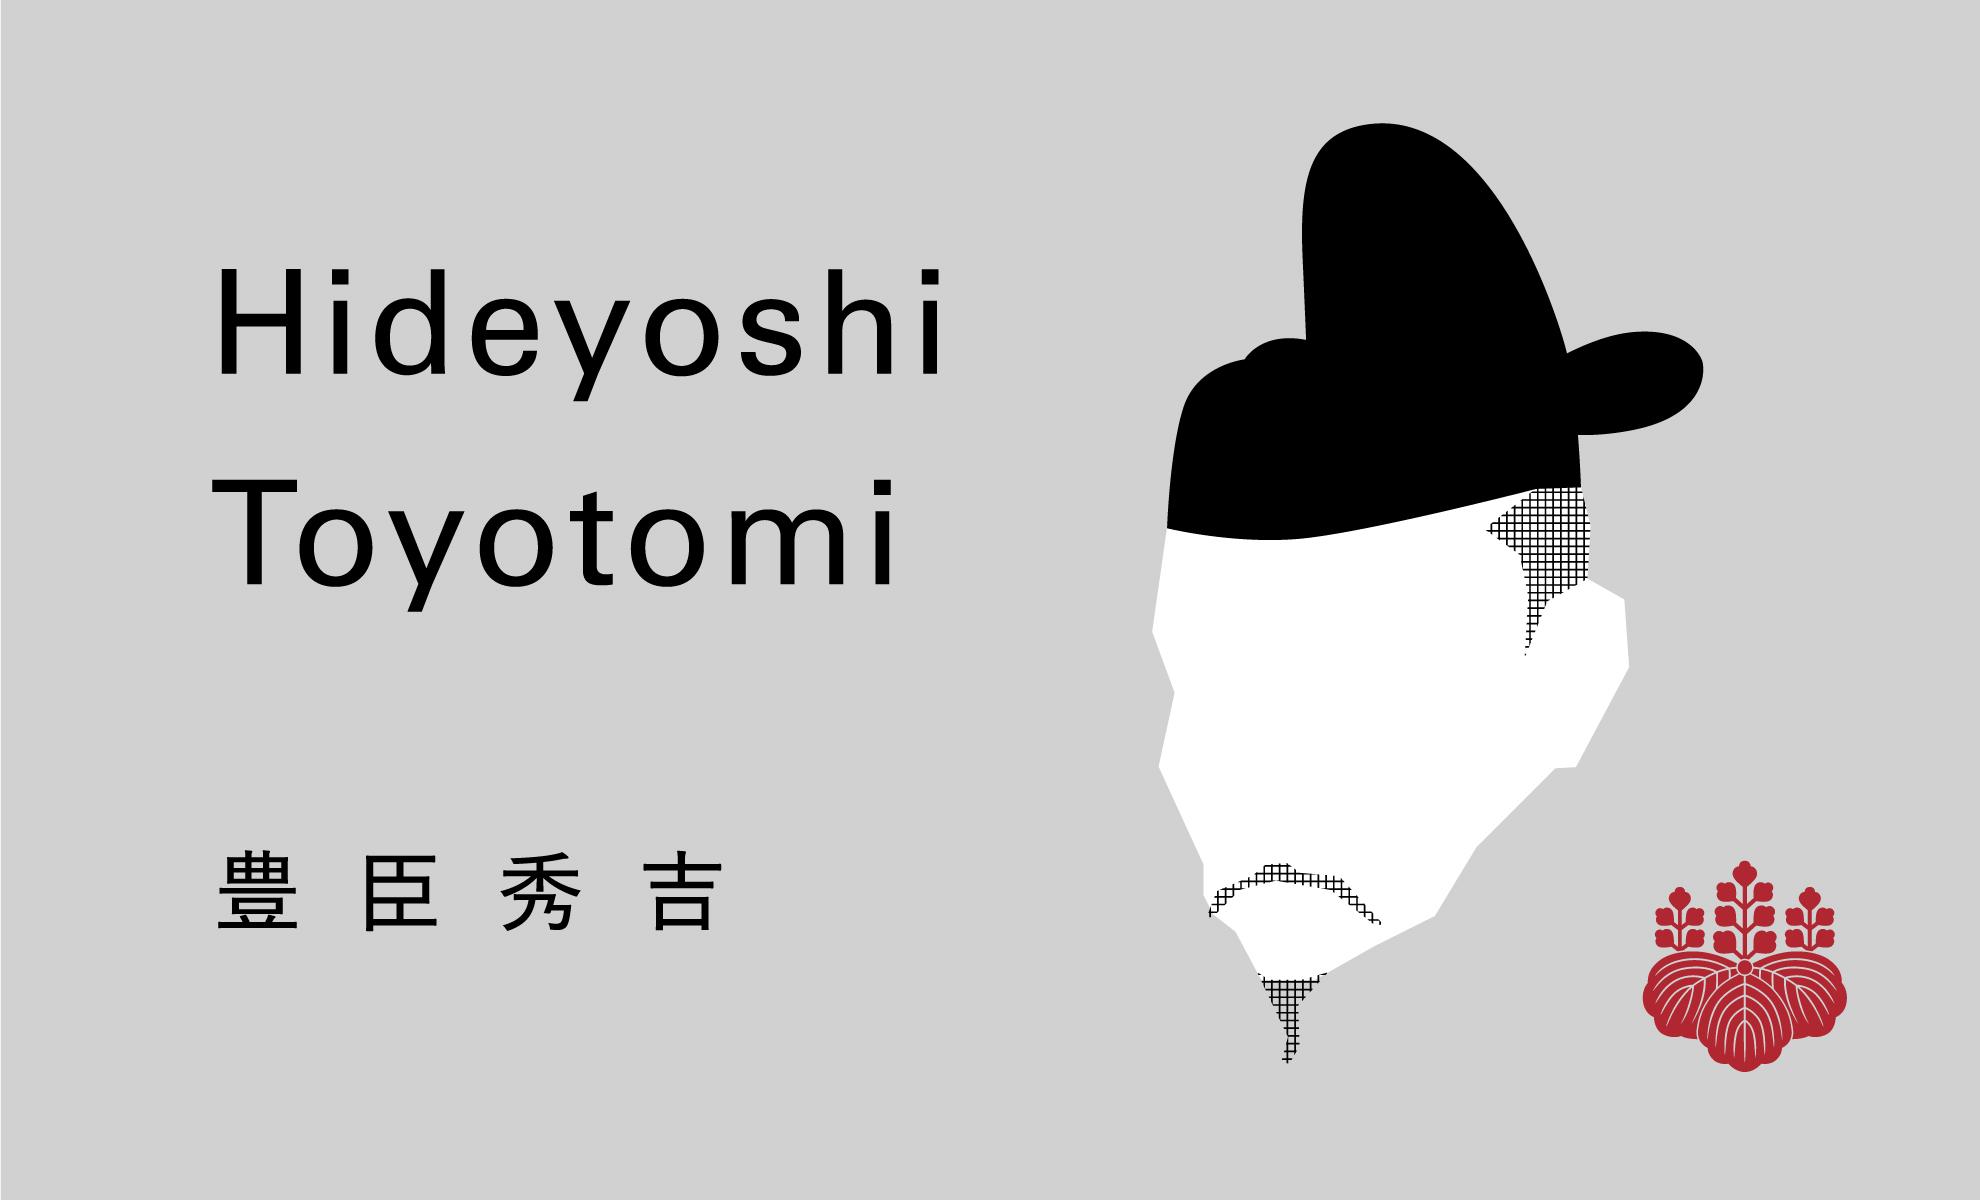 豊臣秀吉の画像